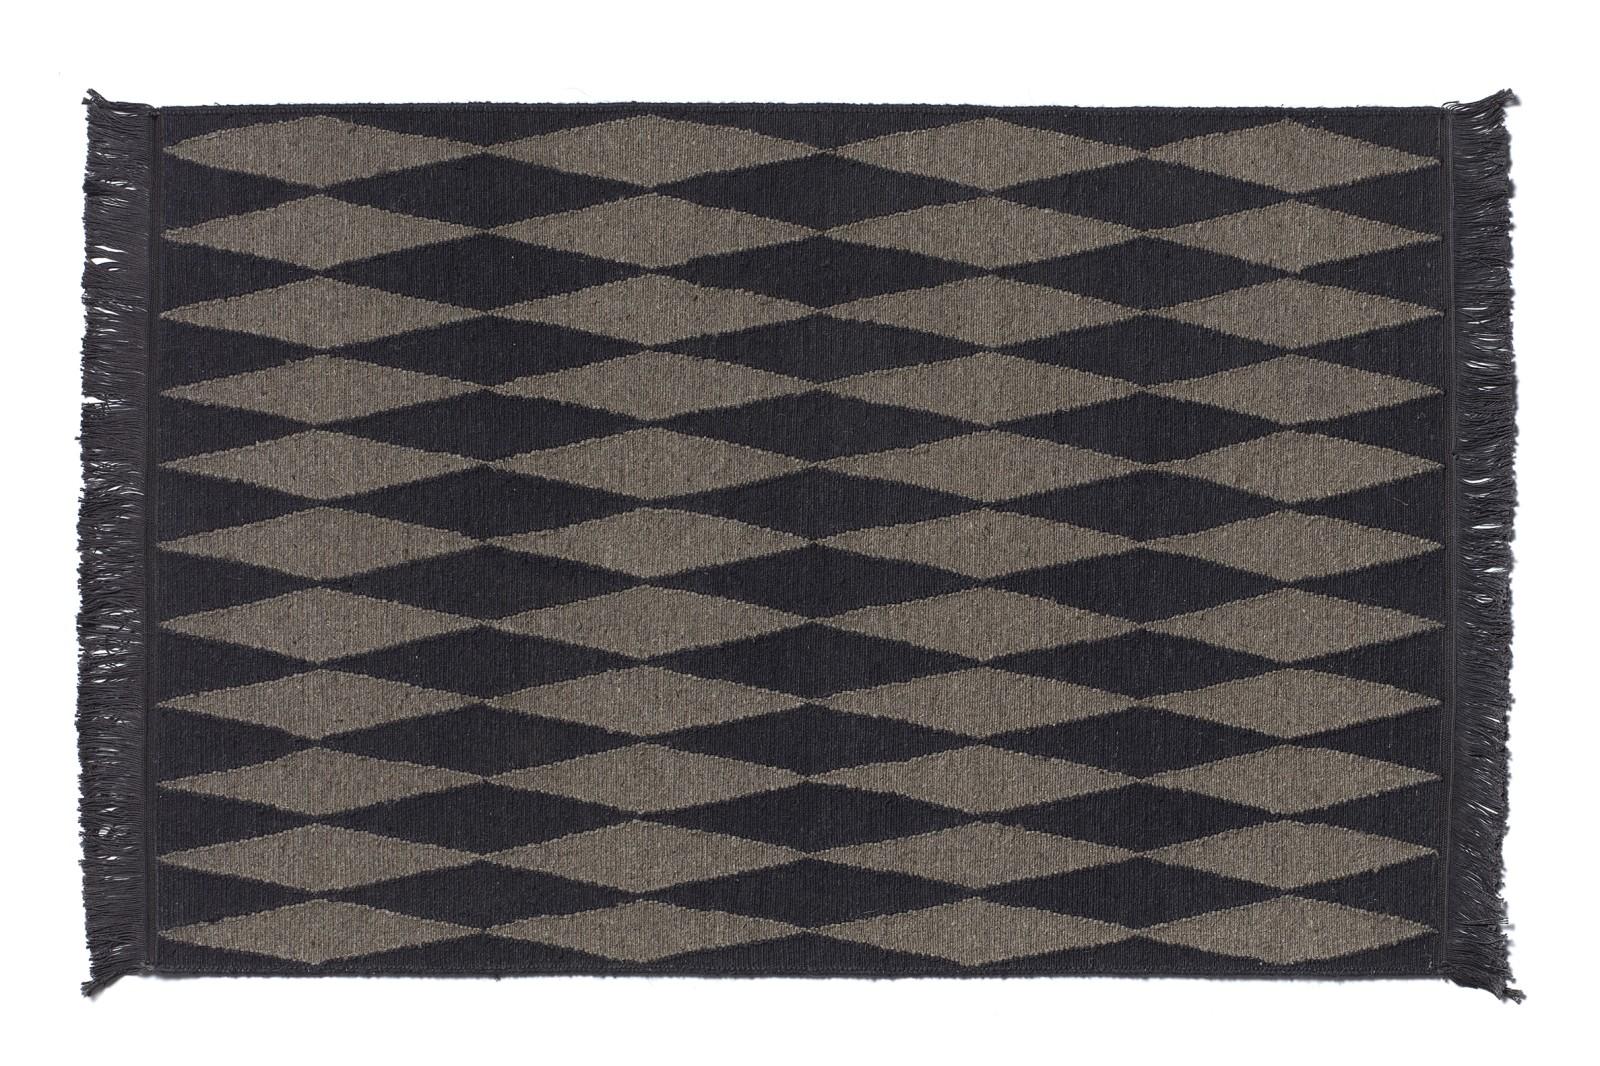 CP02 Neyriz Carpet Black and Quartz Grey, 150x100 cm